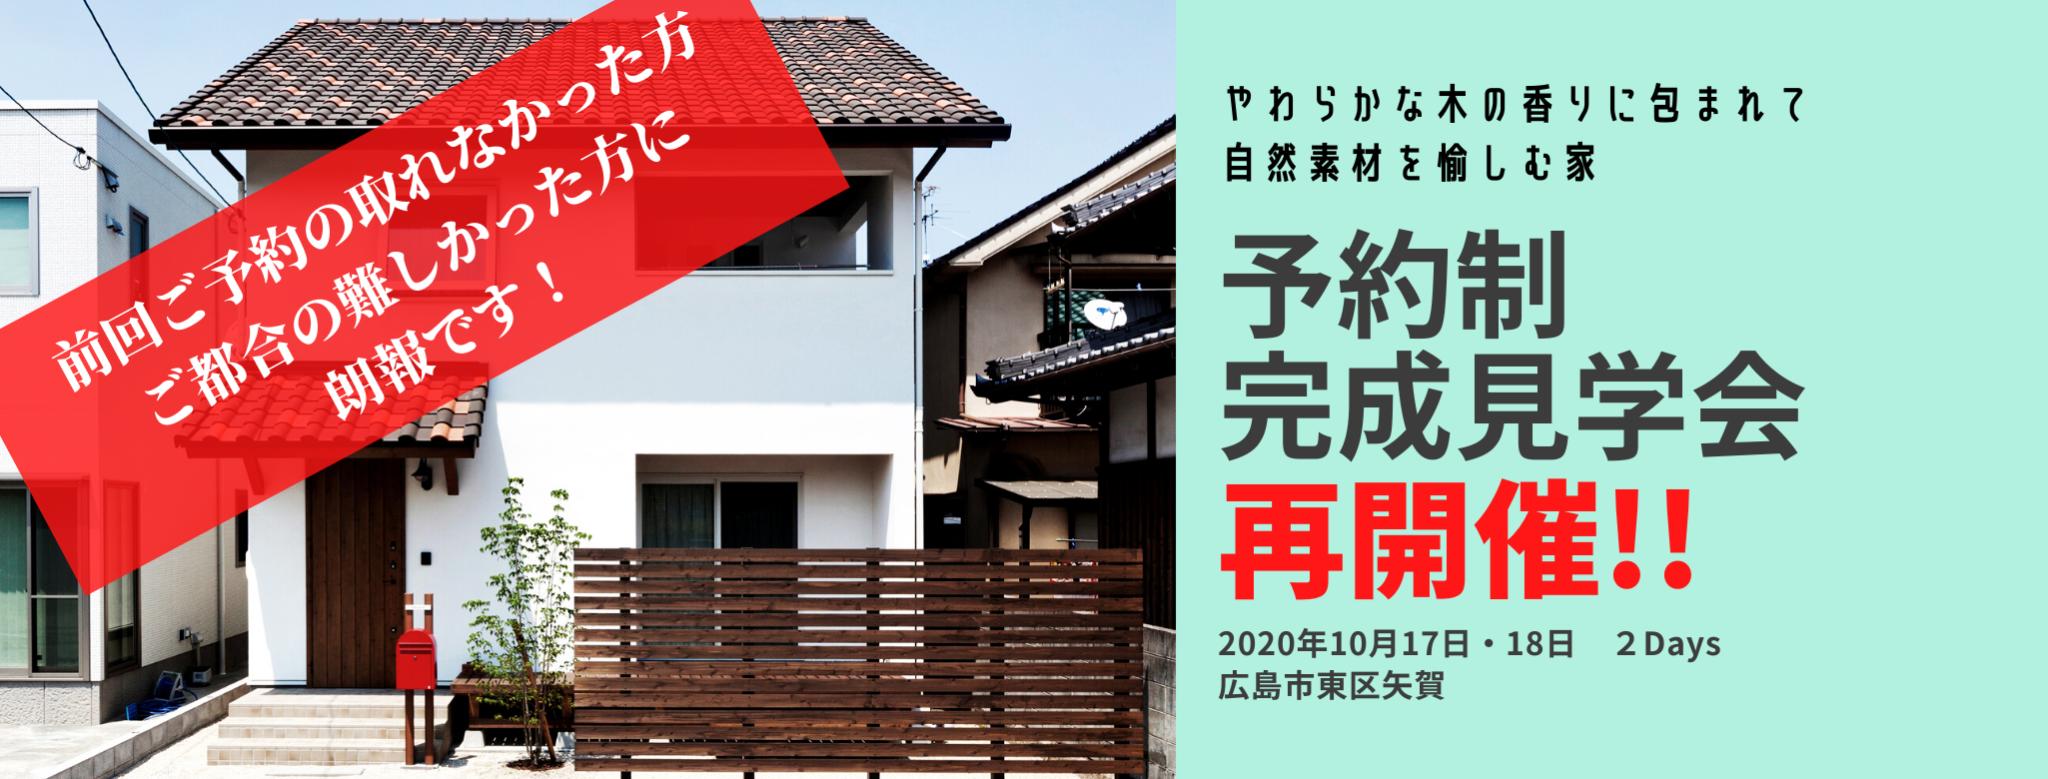 10月17日・18日 東区矢賀 予約制完成見学会 再開催!